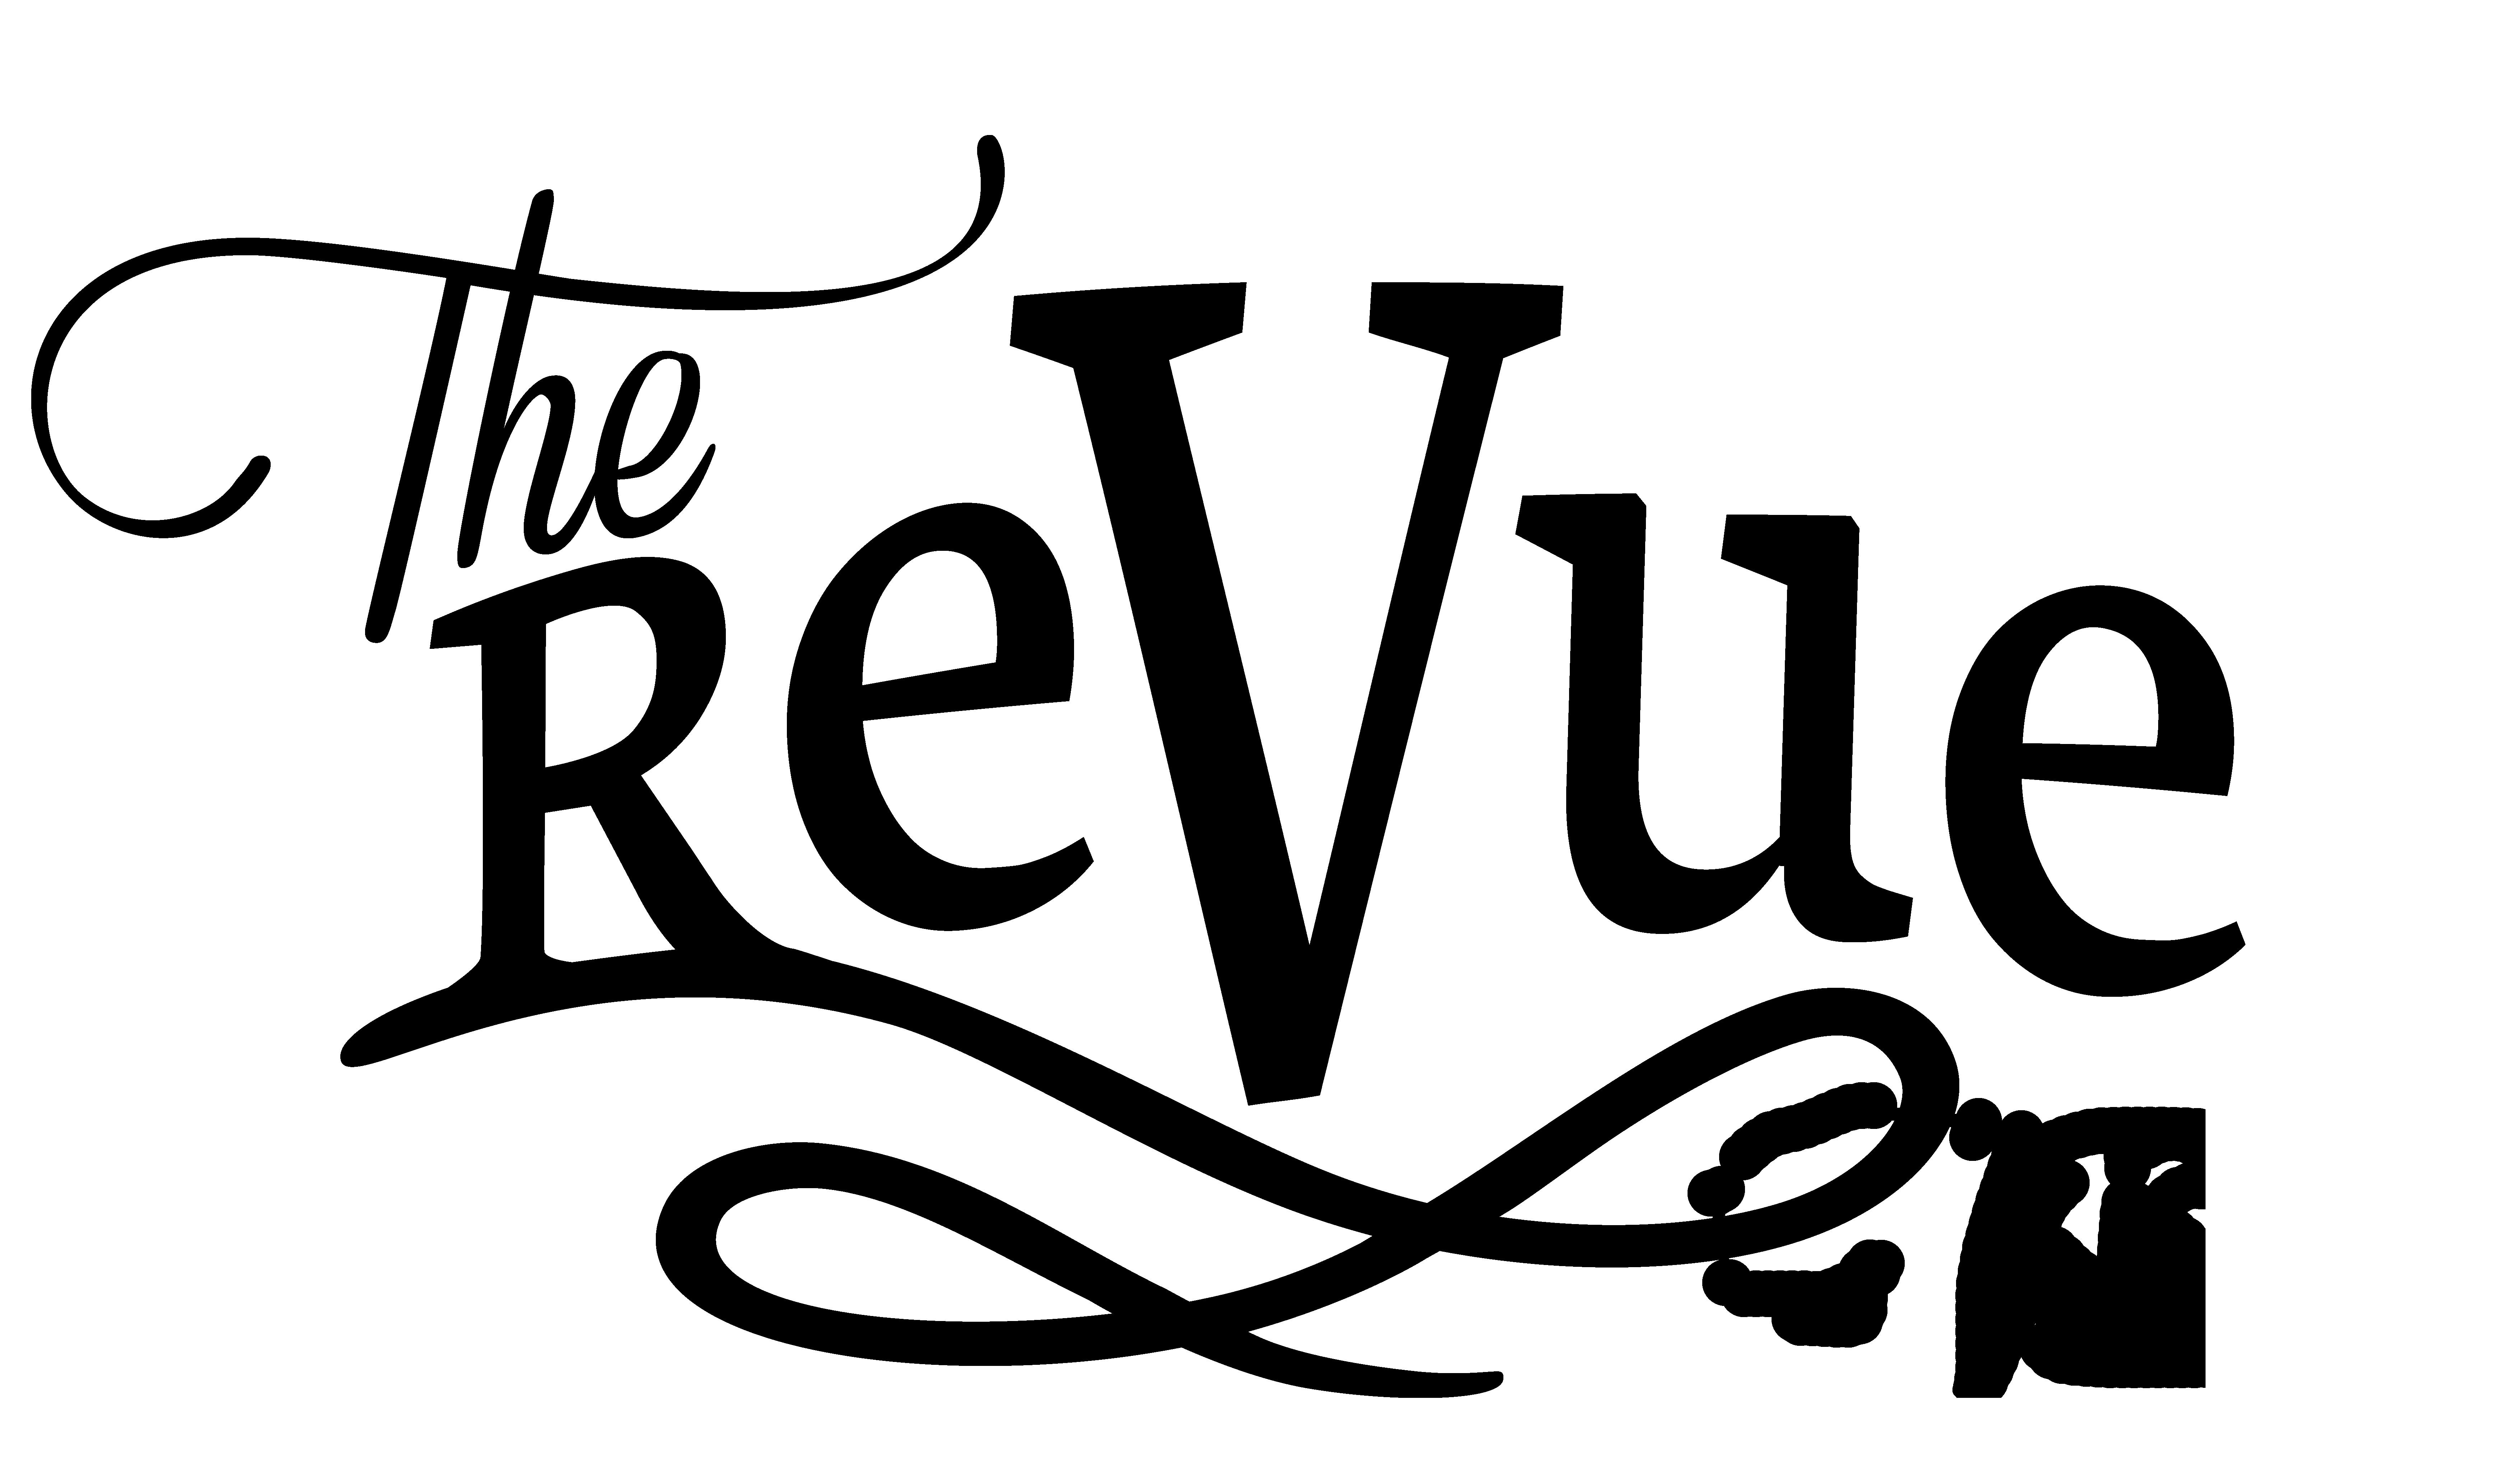 TheRevueBlack